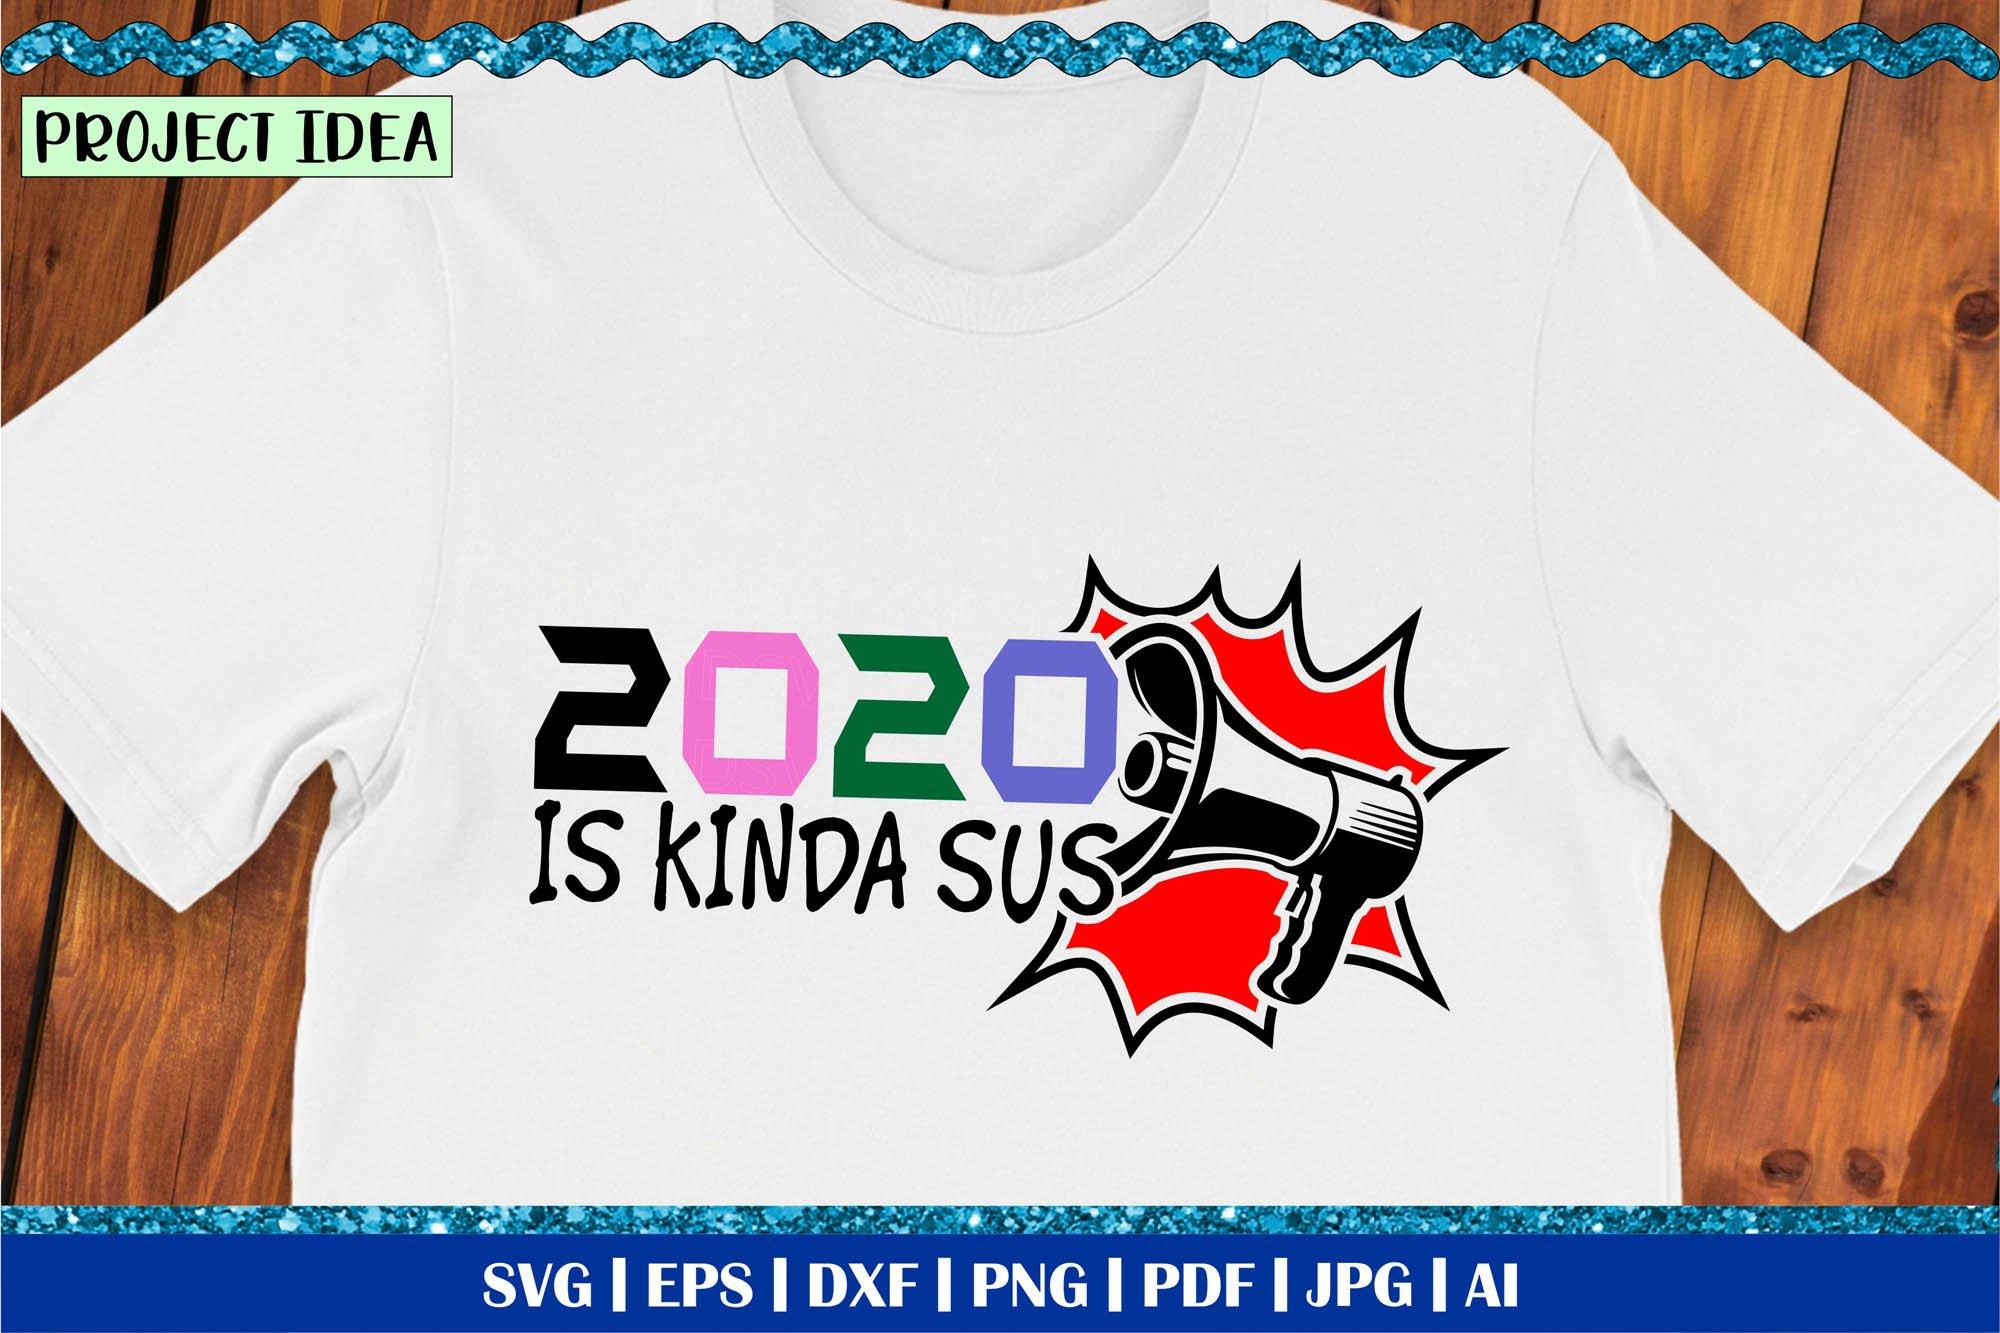 2020 Is Kinda Sus Among Us Svg Imposter Svg T Shirt 928416 Cut Files Design Bundles